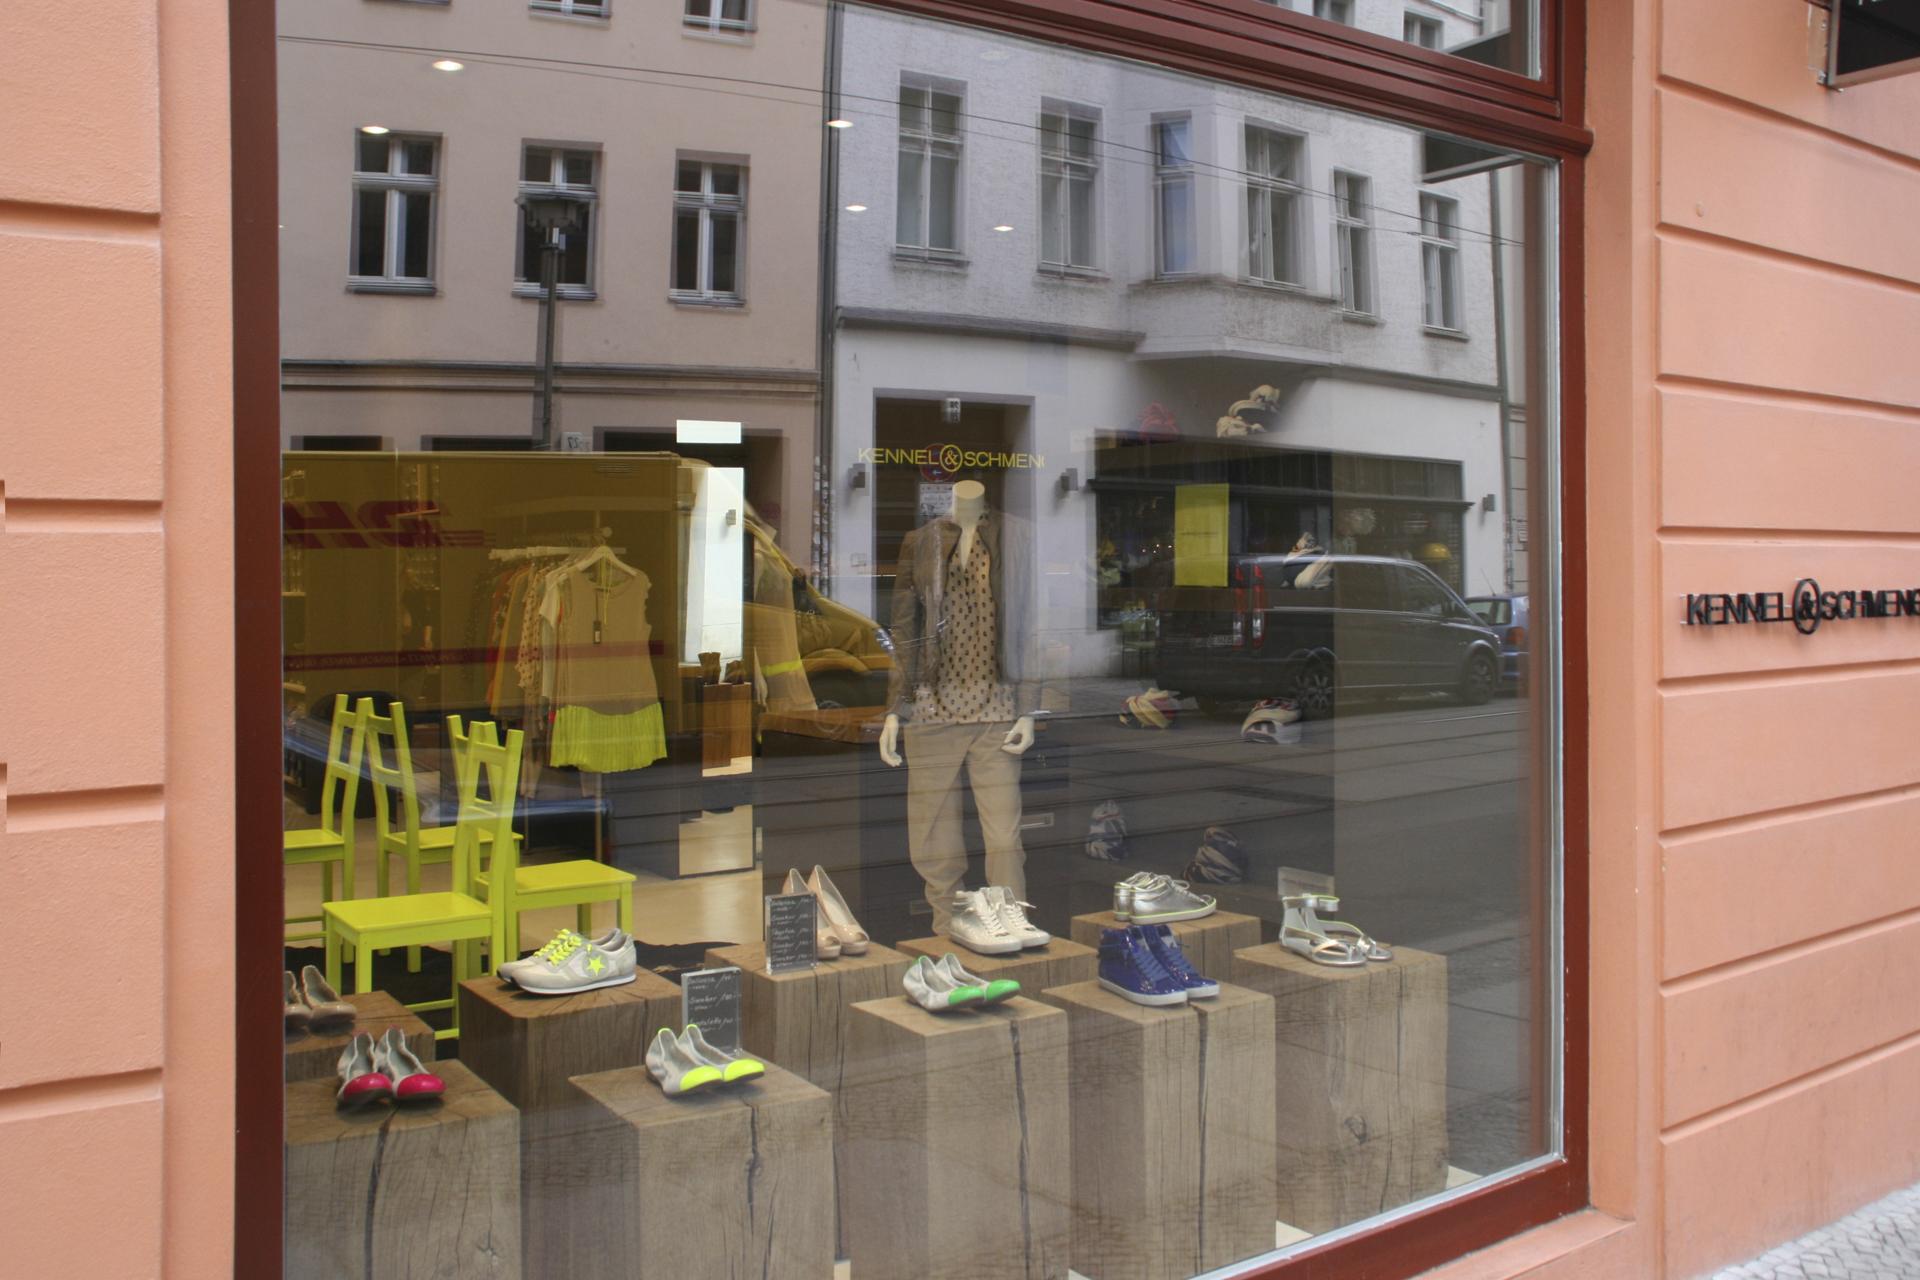 tischlerei-decker-shop-kennel-schmenger-auslage